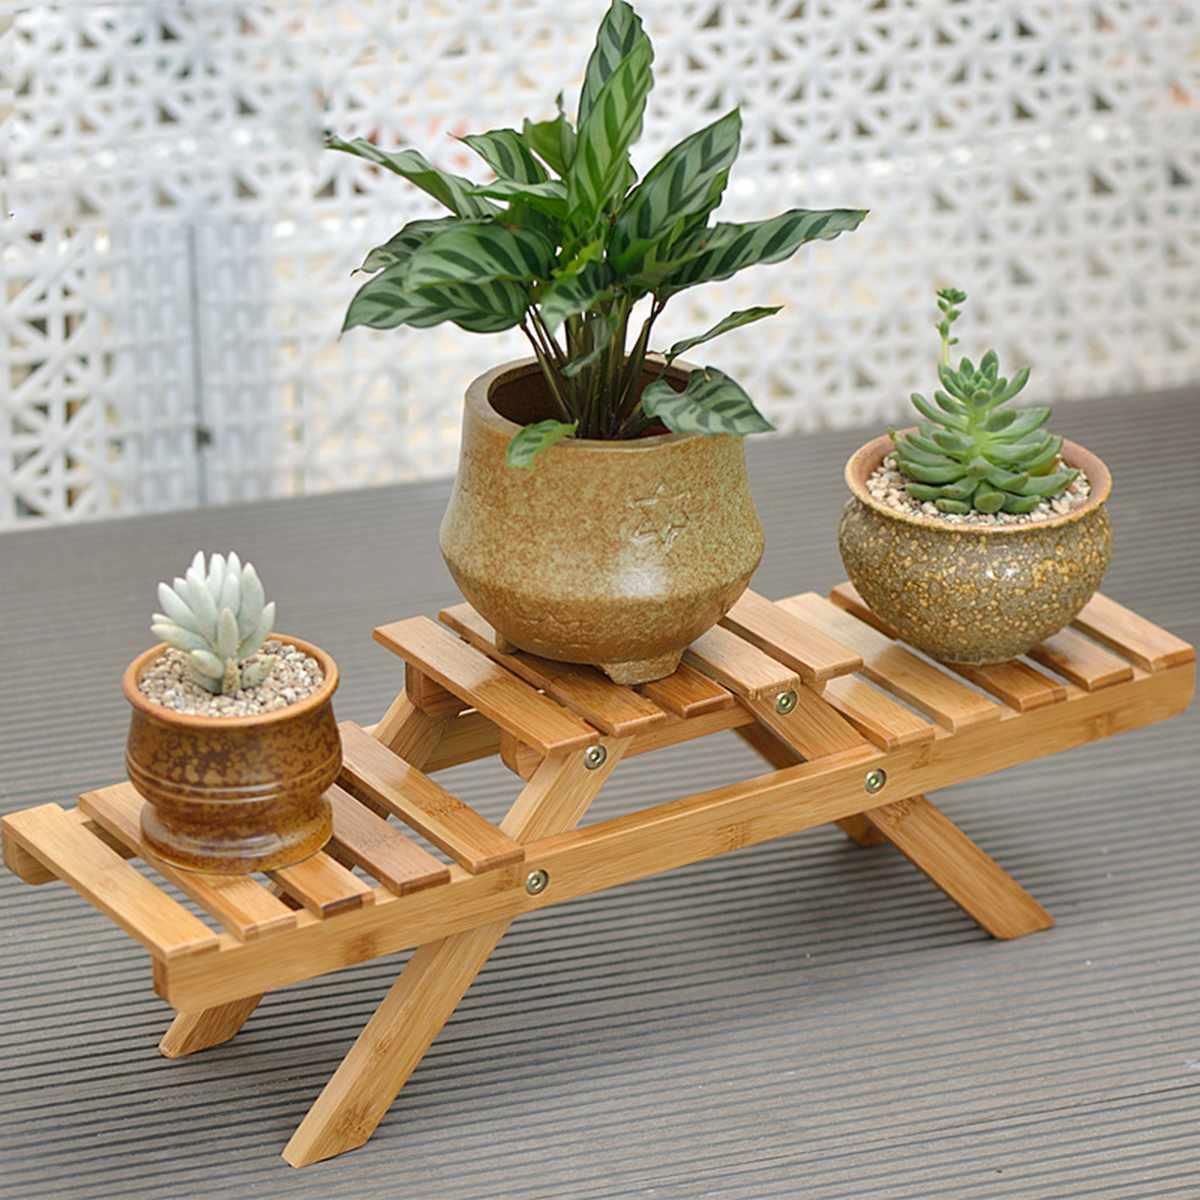 Bambu bitki çiçek raflı Stand saksı rafı tutucu bahçe oturma odası masası ekici ekran standı ev dekor kapalı açık